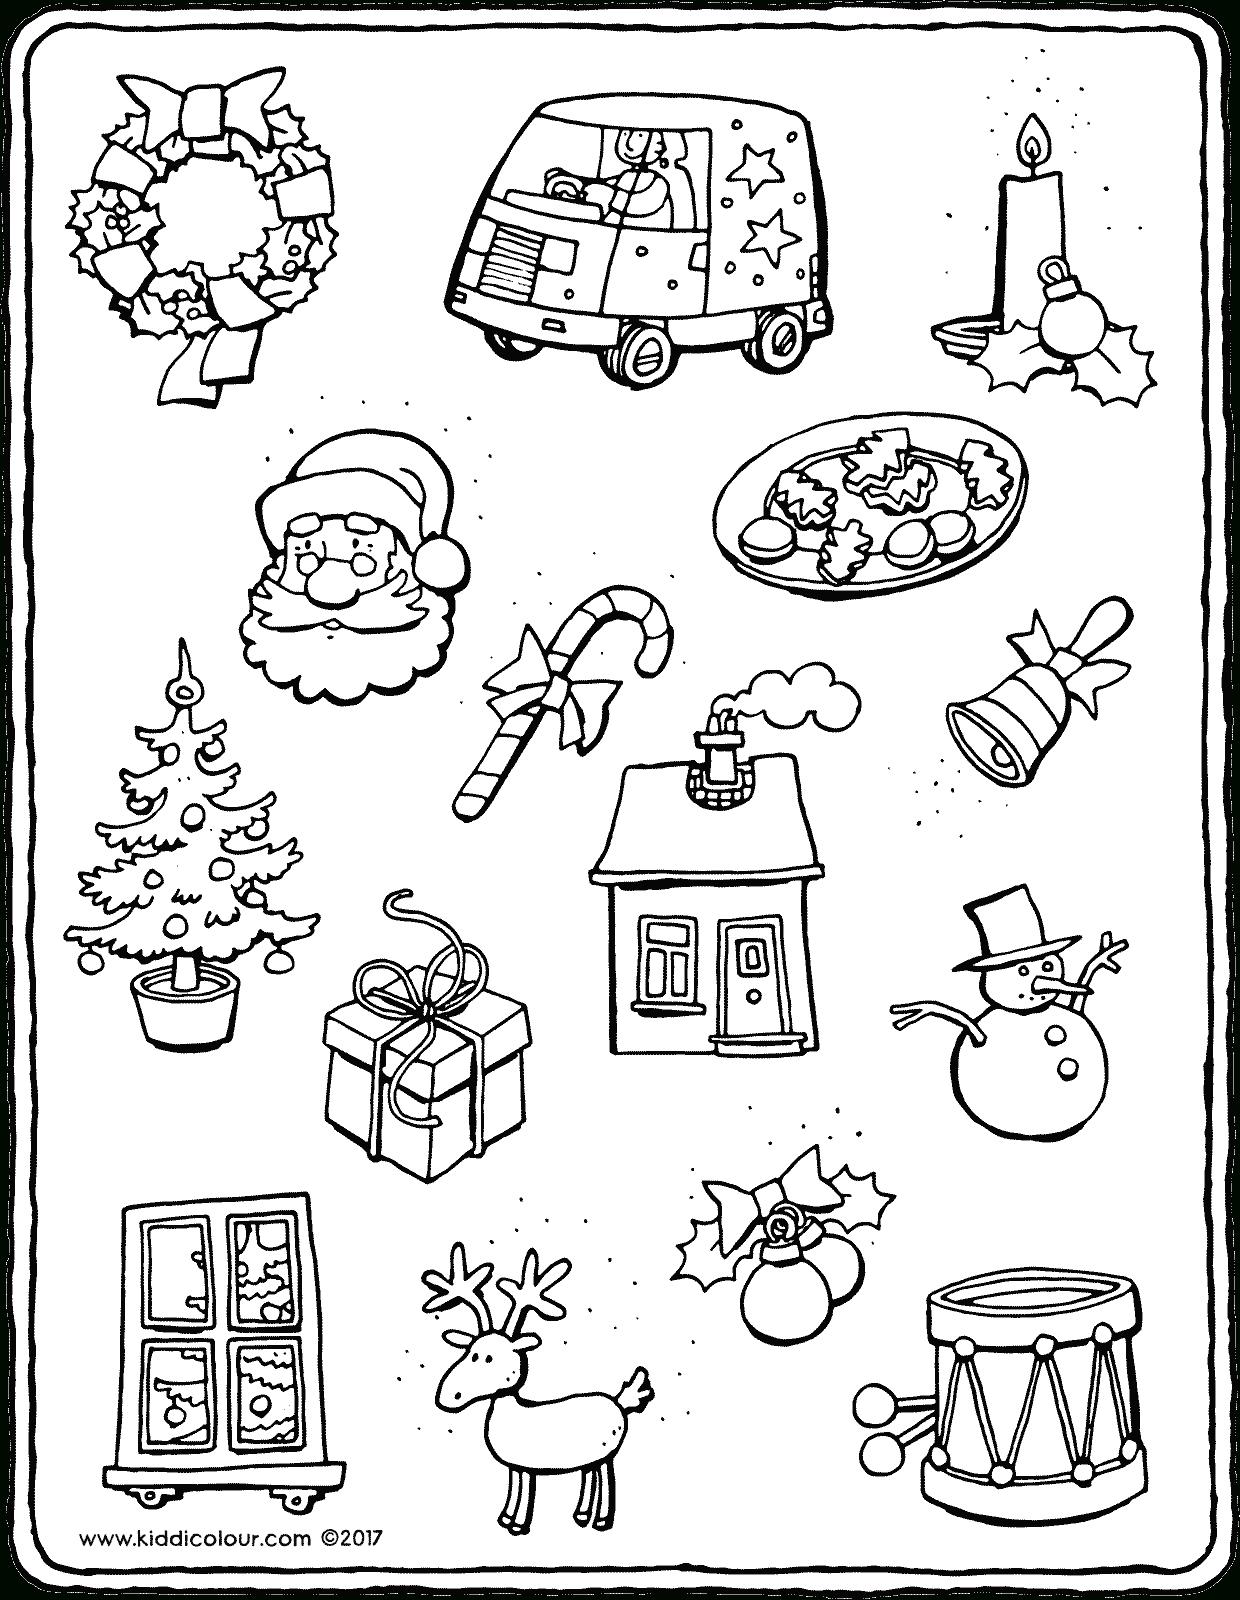 Kleine Dinge Für Weihnachten - Kiddimalseite innen Weihnachten Ausmalbilder